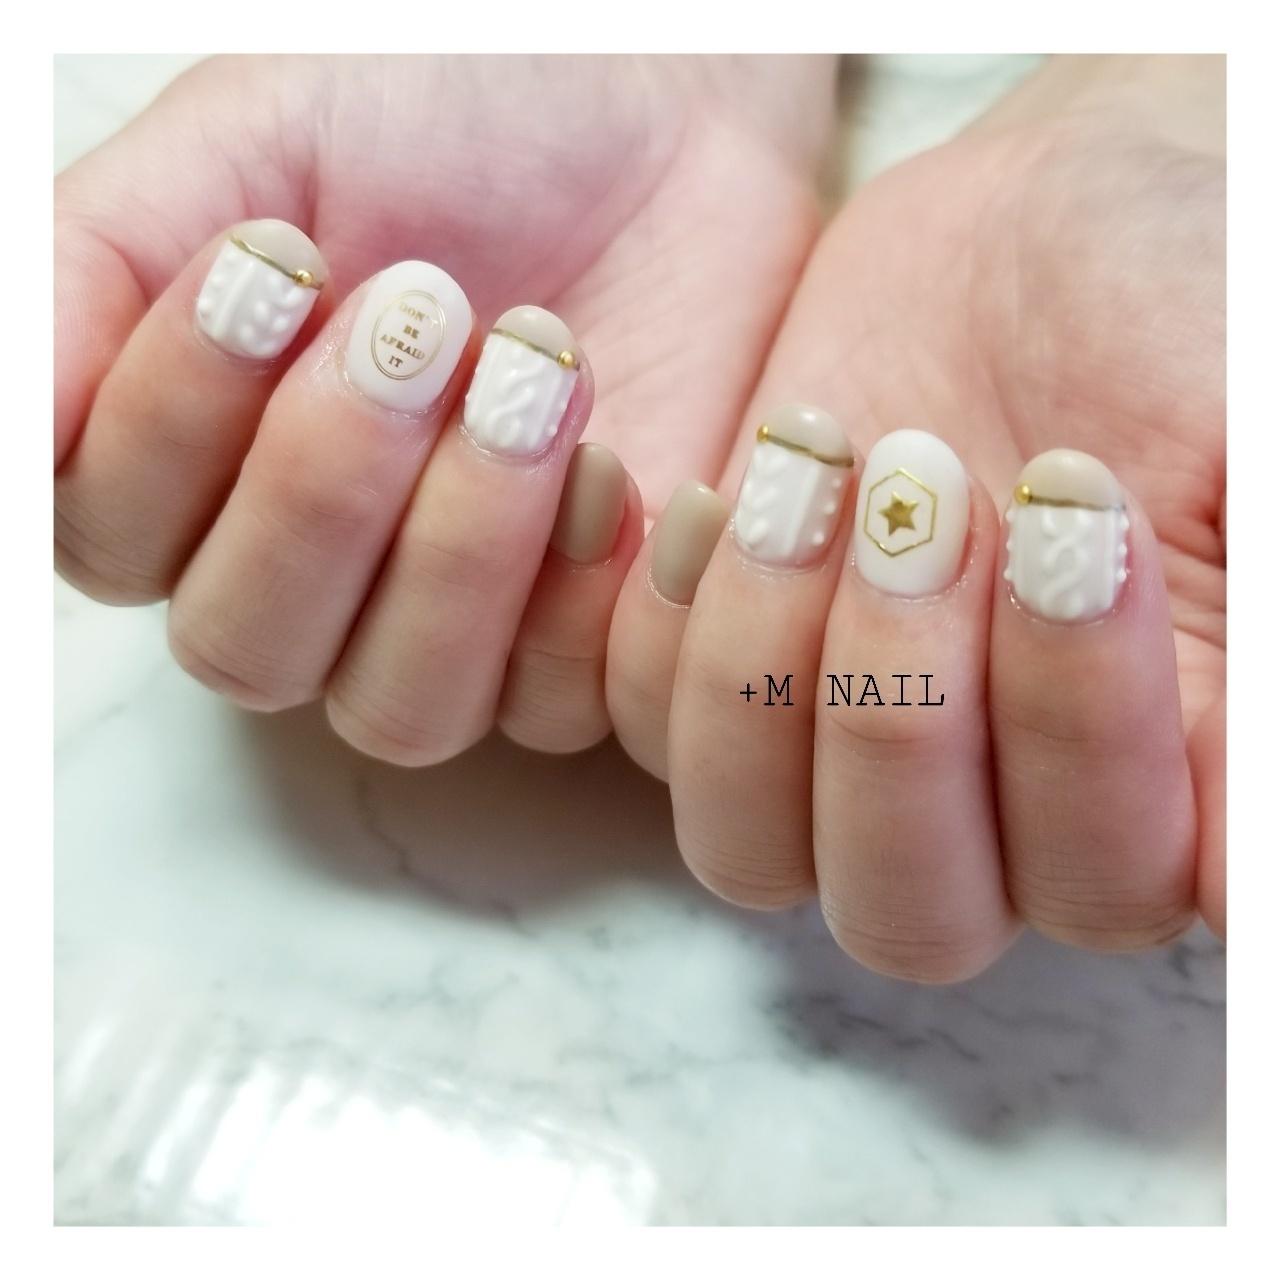 #nails #ジェル #ジェルネイル #ネイル #ネイルサロン #ネイルデザイン #ハンド #大人ネイル #大人可愛い #ニットネイル#マットネイル#バイカラーネイル#冬ネイル#カジュアルネイル#おしゃれネイル